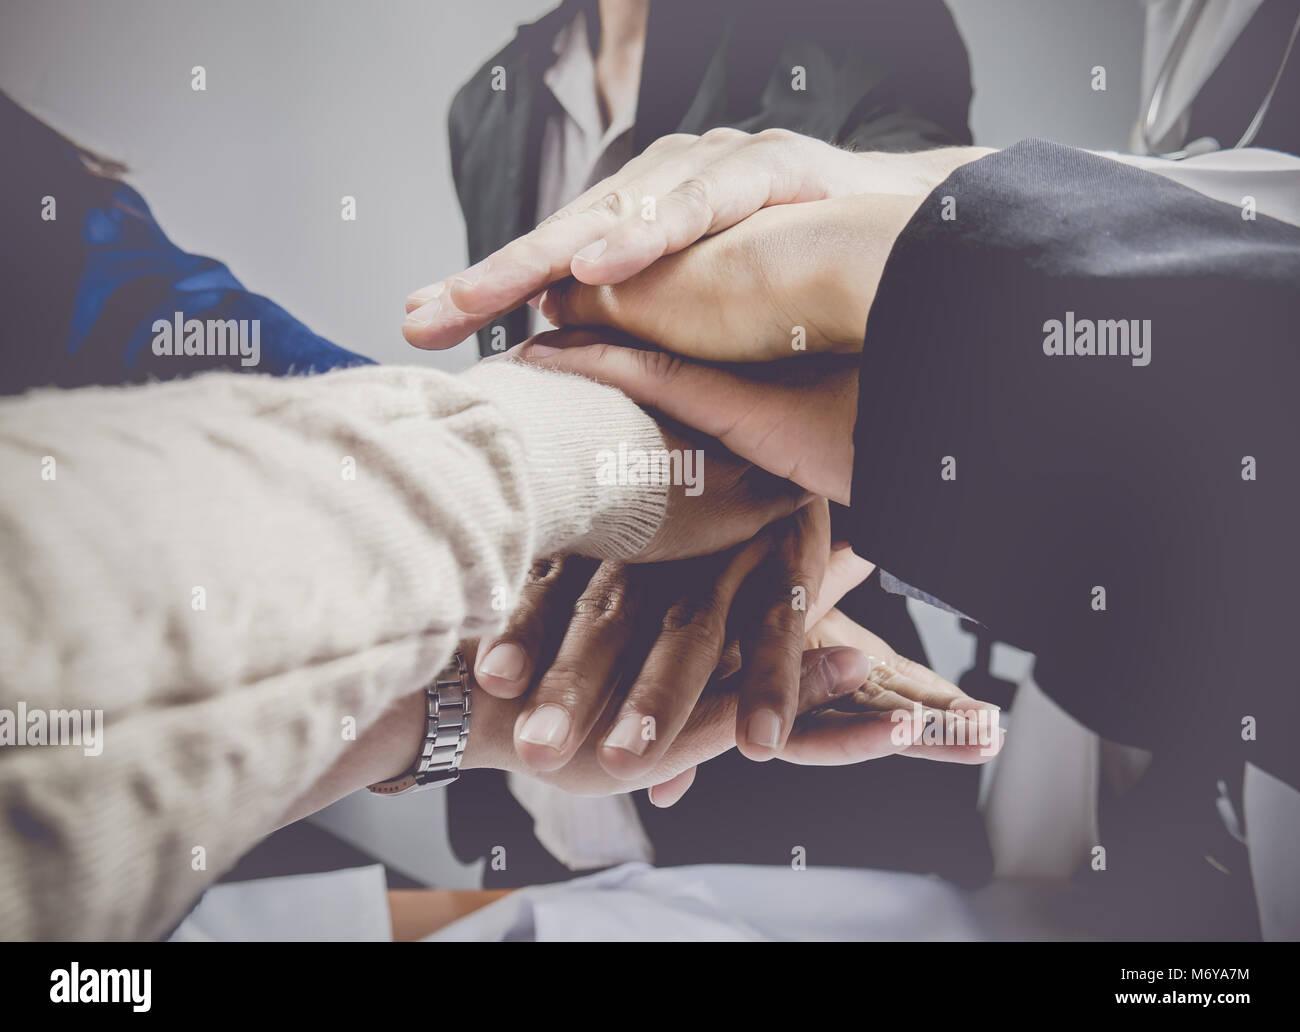 Grupo empresarial con manos juntas.concepto de trabajo en equipo y el concepto de negocio. Foto de stock